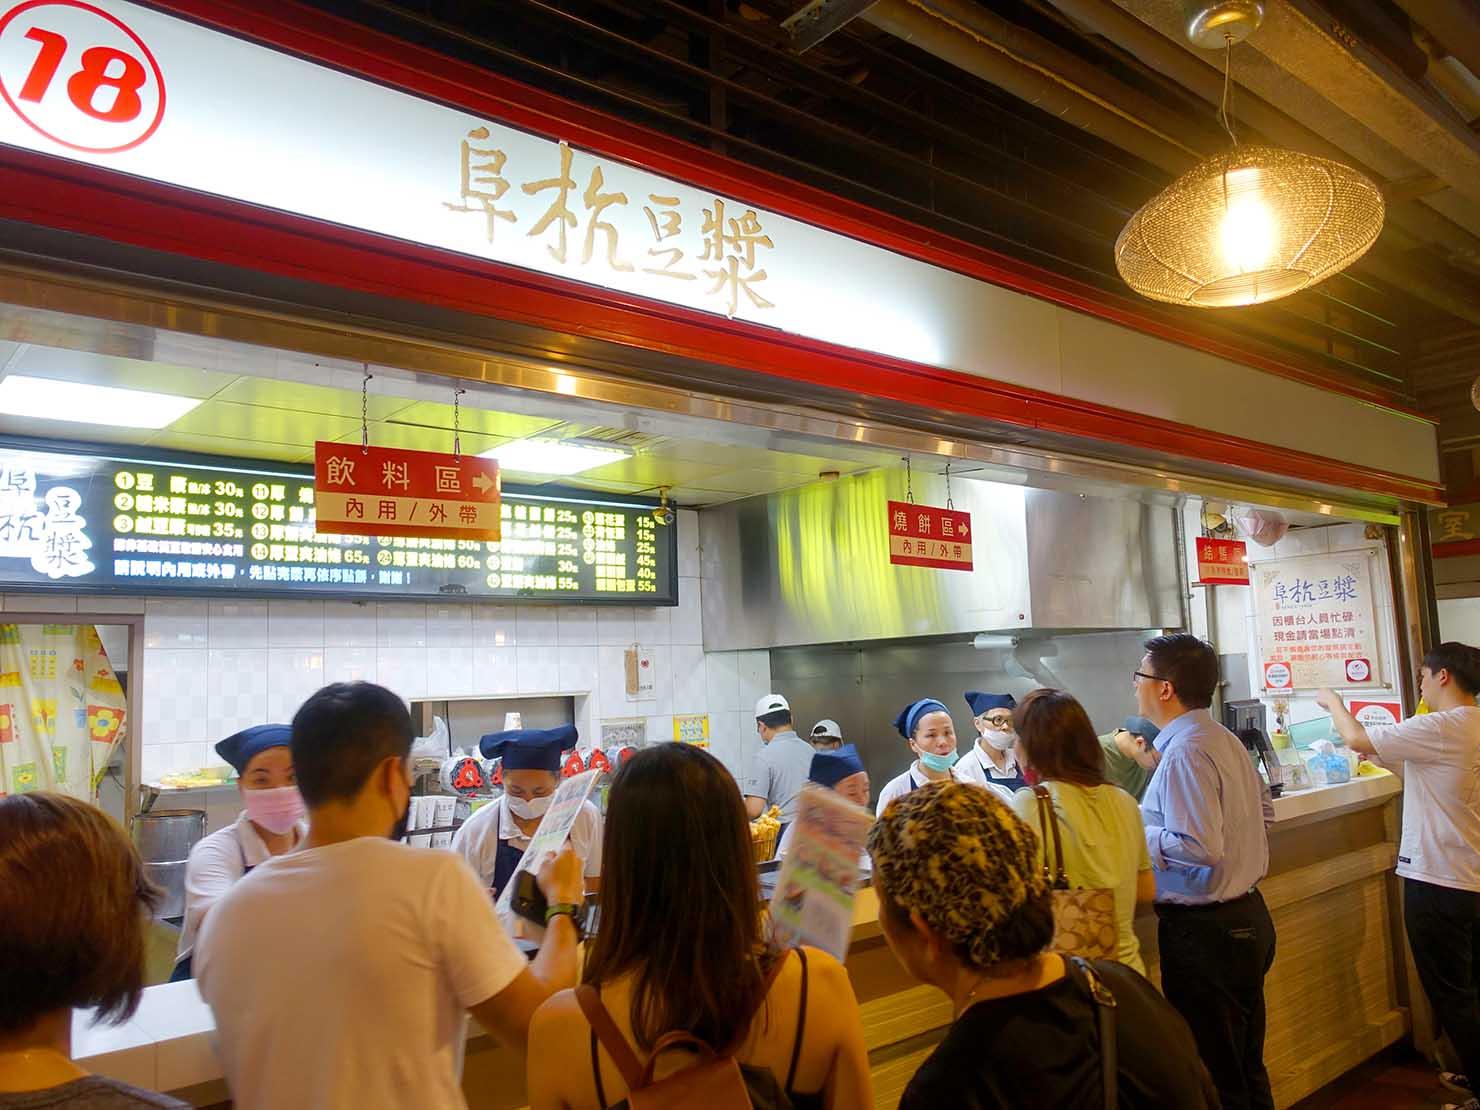 台北・善導寺のおすすめグルメ店「阜杭豆漿」のカウンター